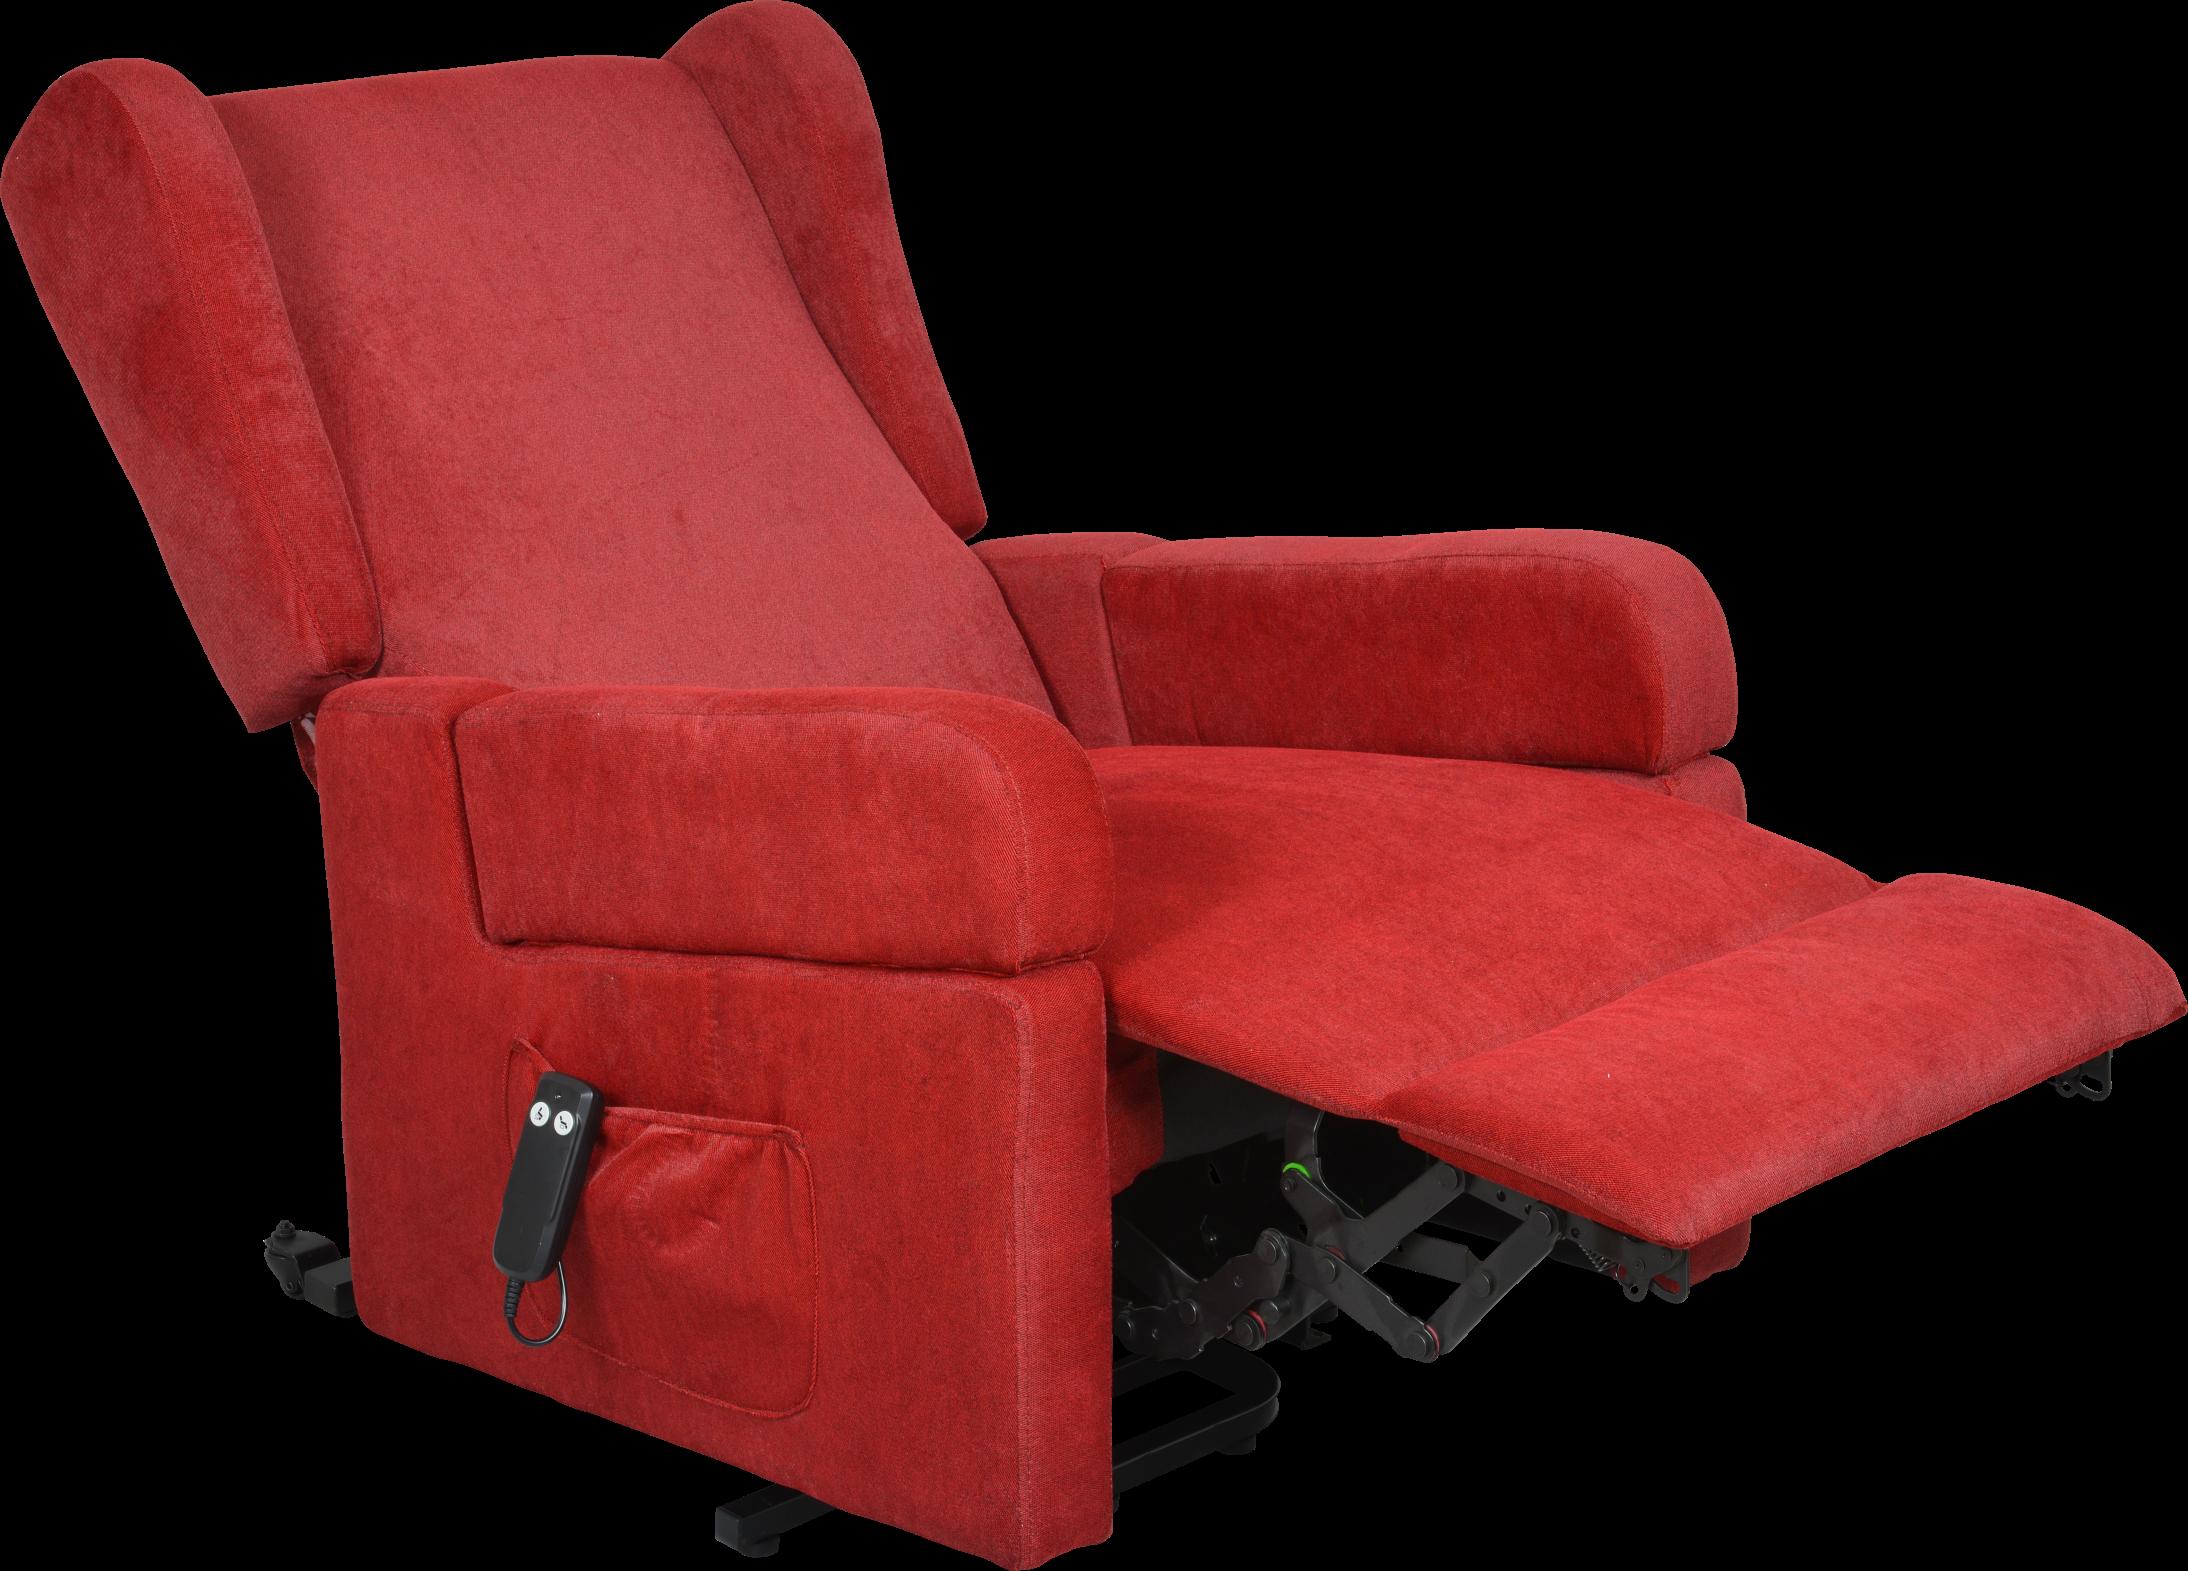 Promotion sur le fauteuil releveur électrique Kerouan jusqu au